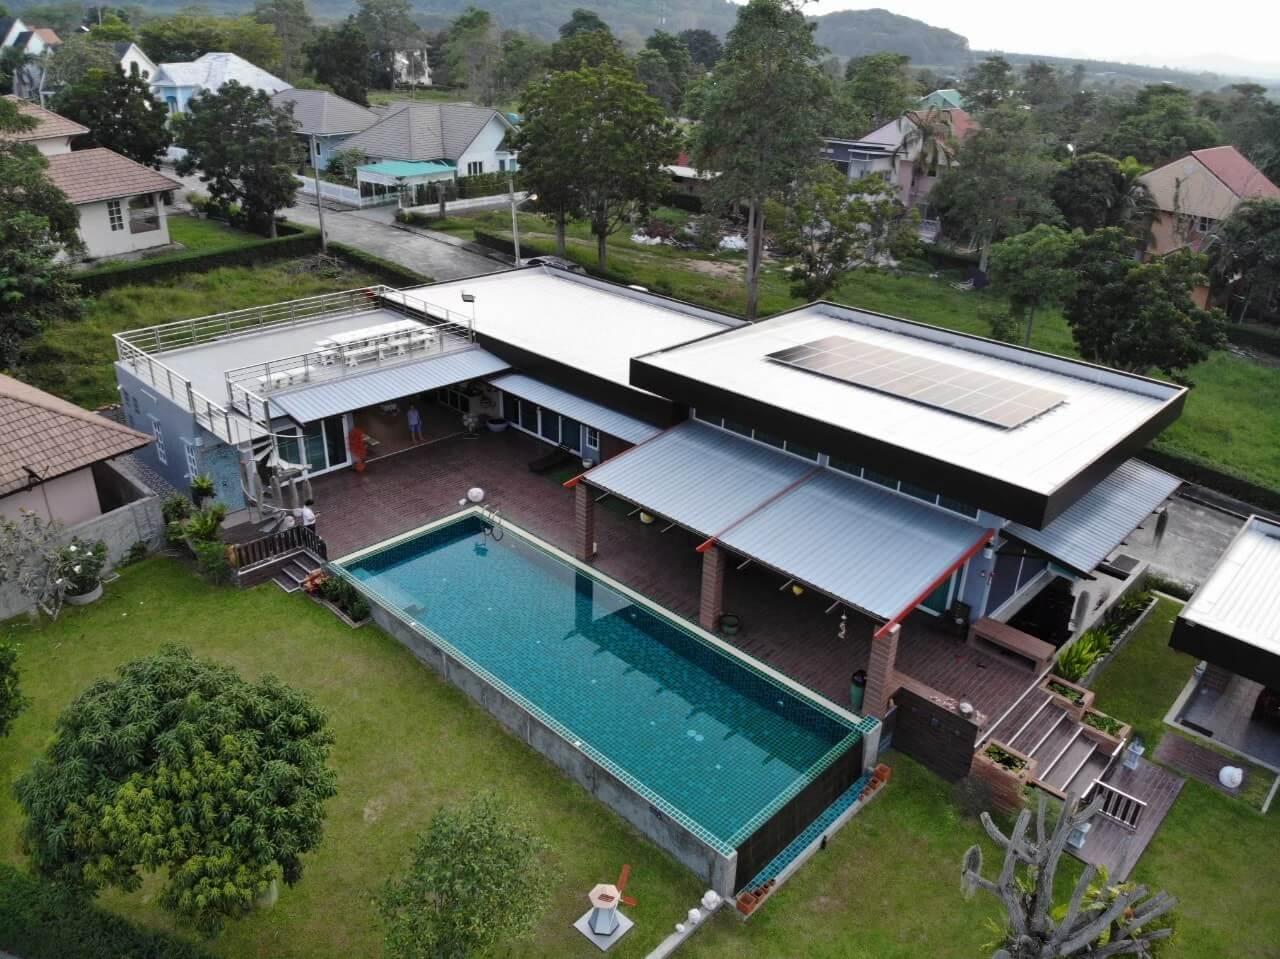 12 จุดเด่นมาพร้อม SCG Solar Roof เมื่อยักษ์ลงสนามไฟฟ้าบ้านพลังงานแสงอาทิตย์ 34 - Premium